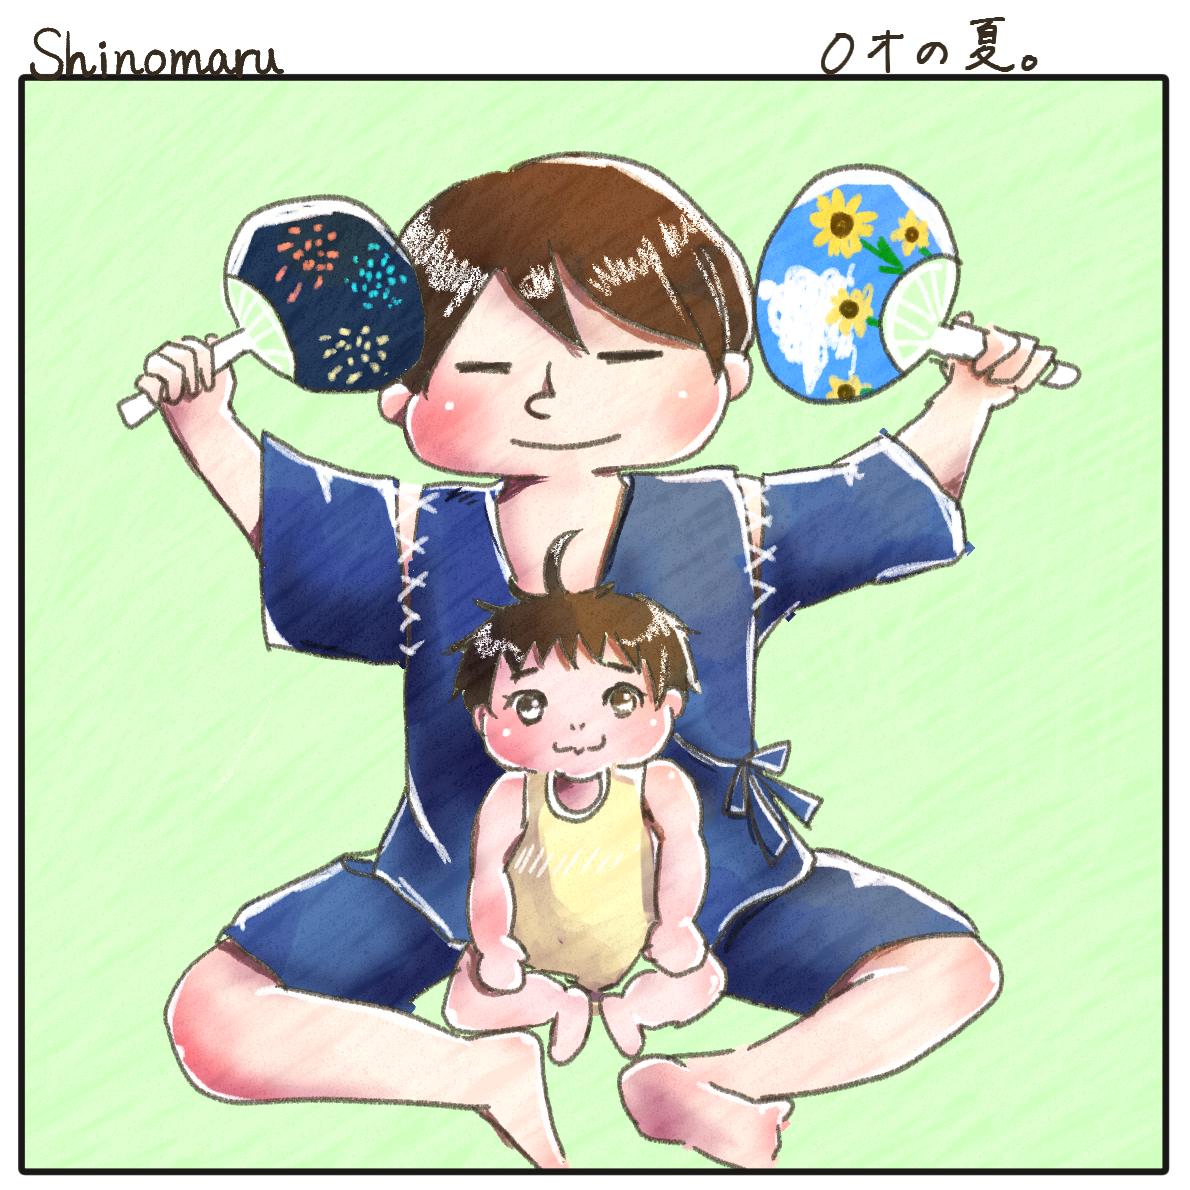 f:id:Shinomaru:20210618104737p:plain